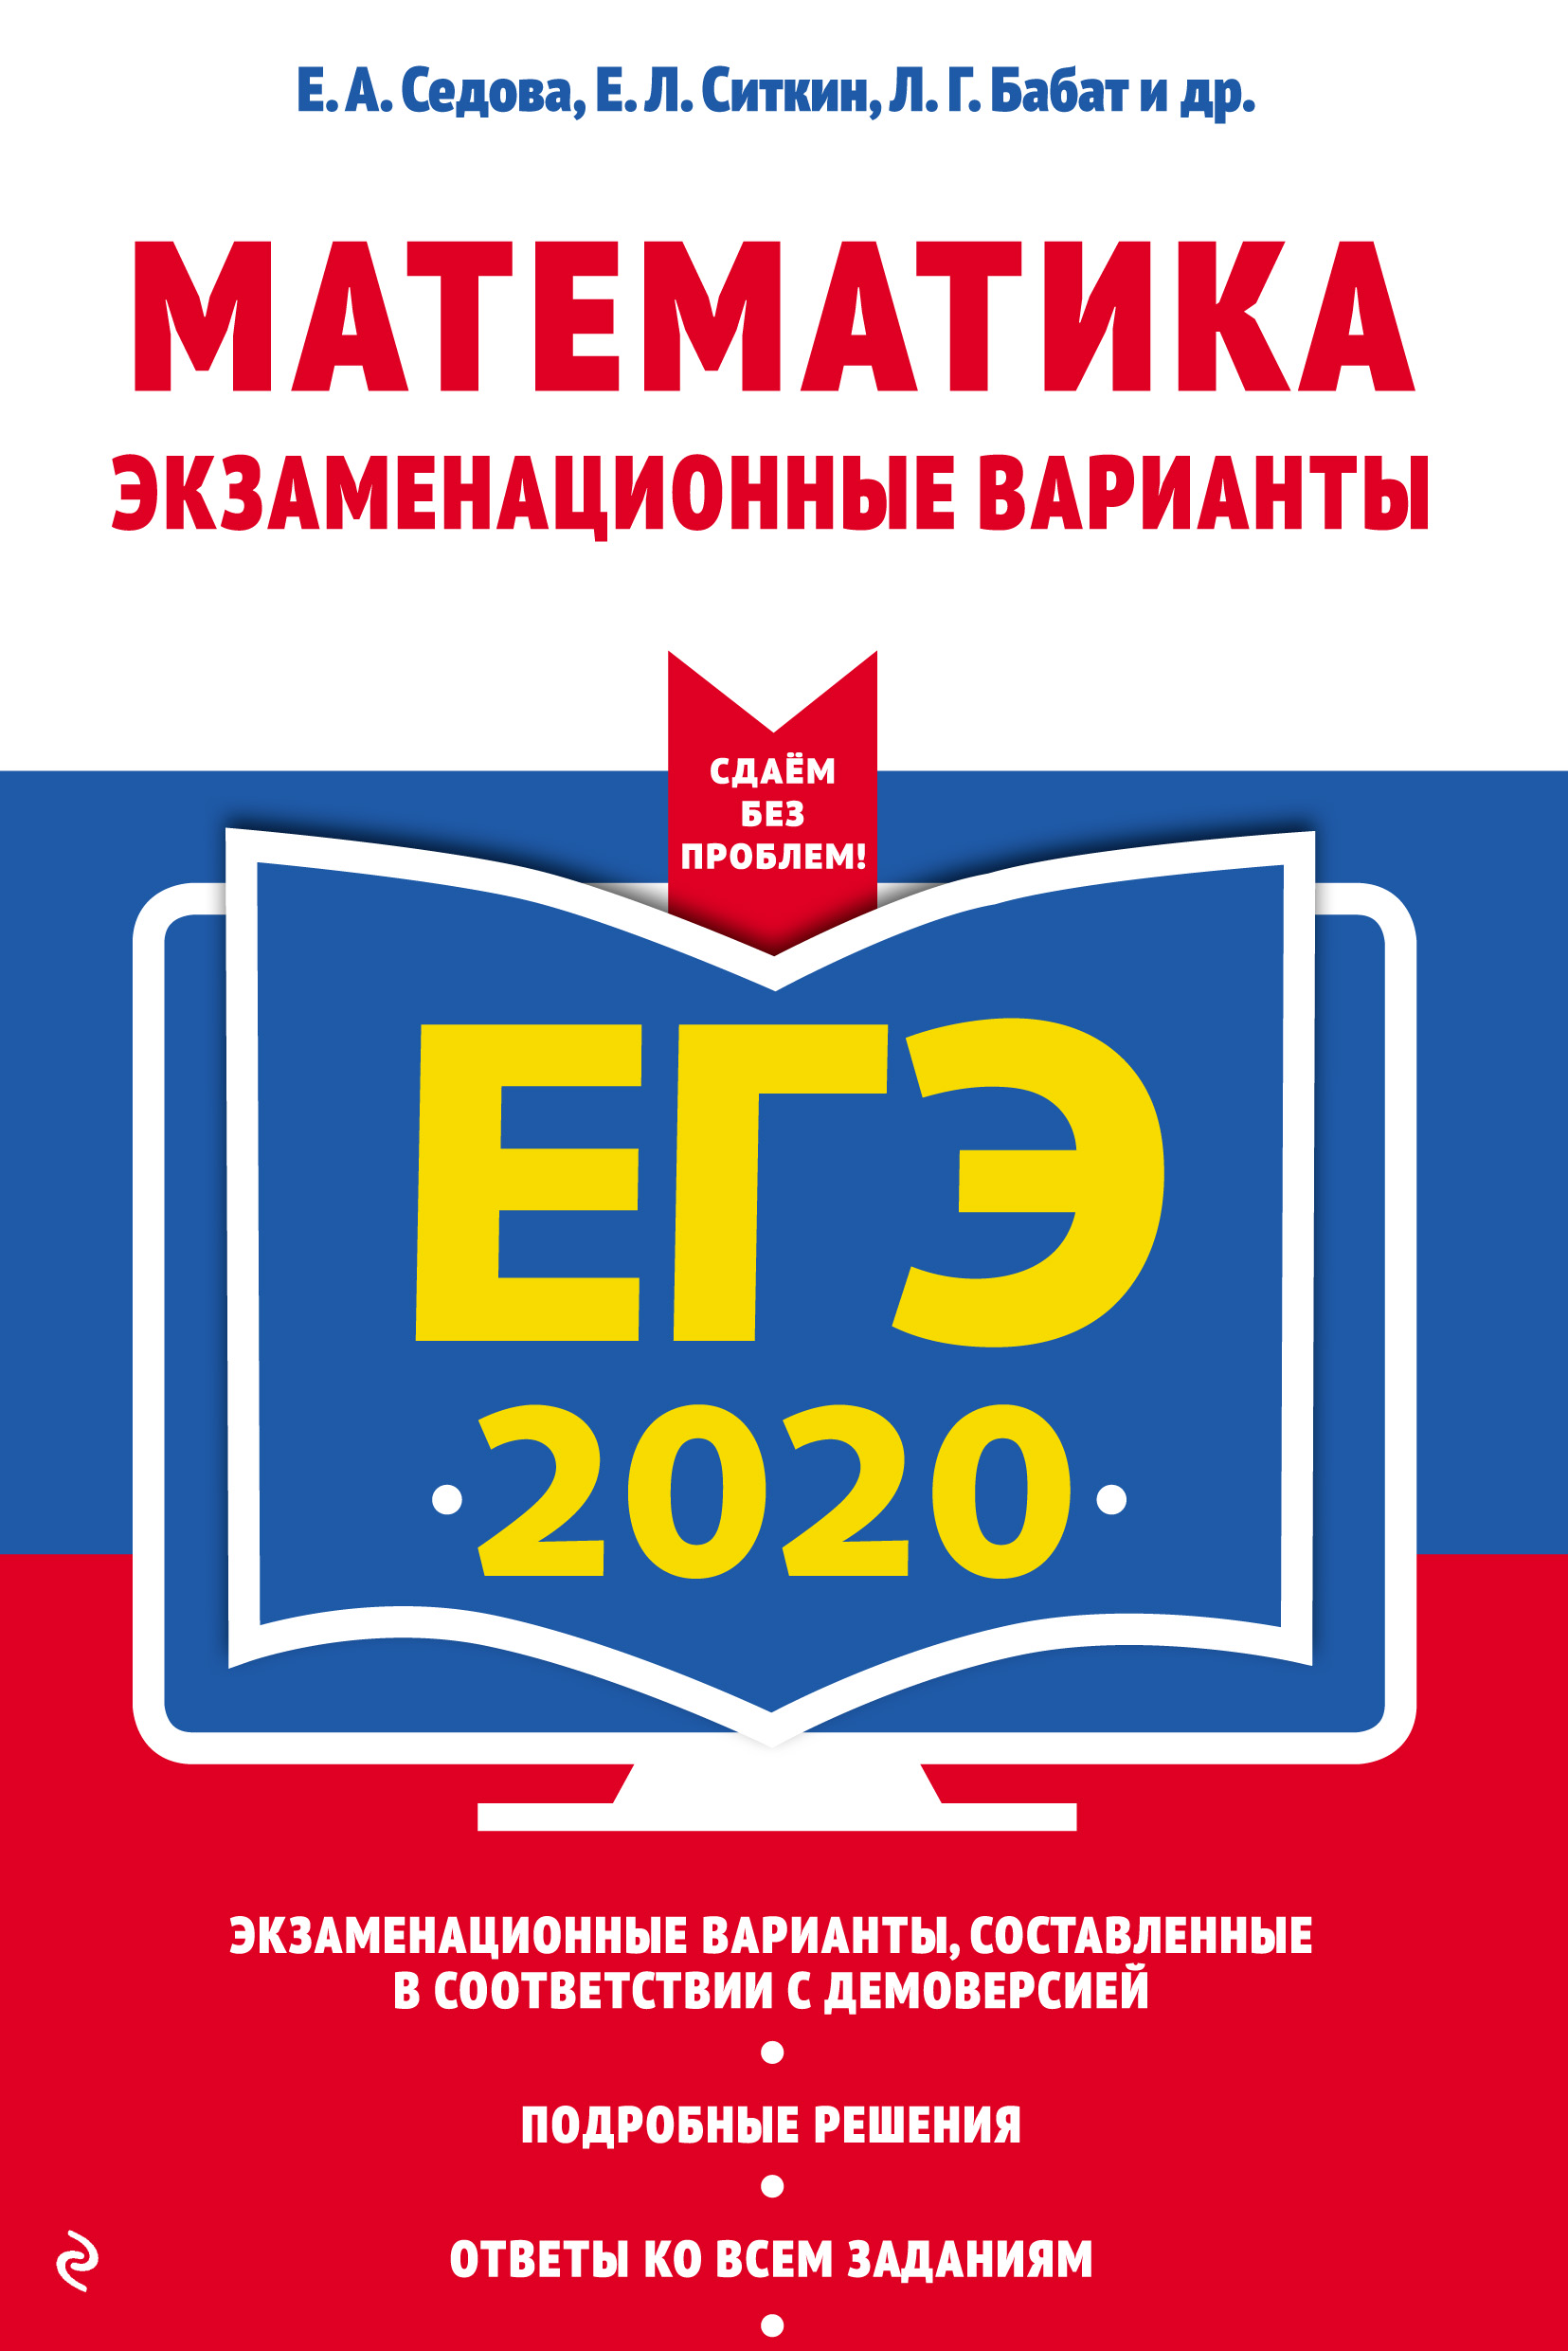 Е. А. Седова ЕГЭ-2020. Математика. Экзаменационные варианты седова е ситкин е бабат л и др егэ 2019 математика экзаменационные варианты сдаем без проблем